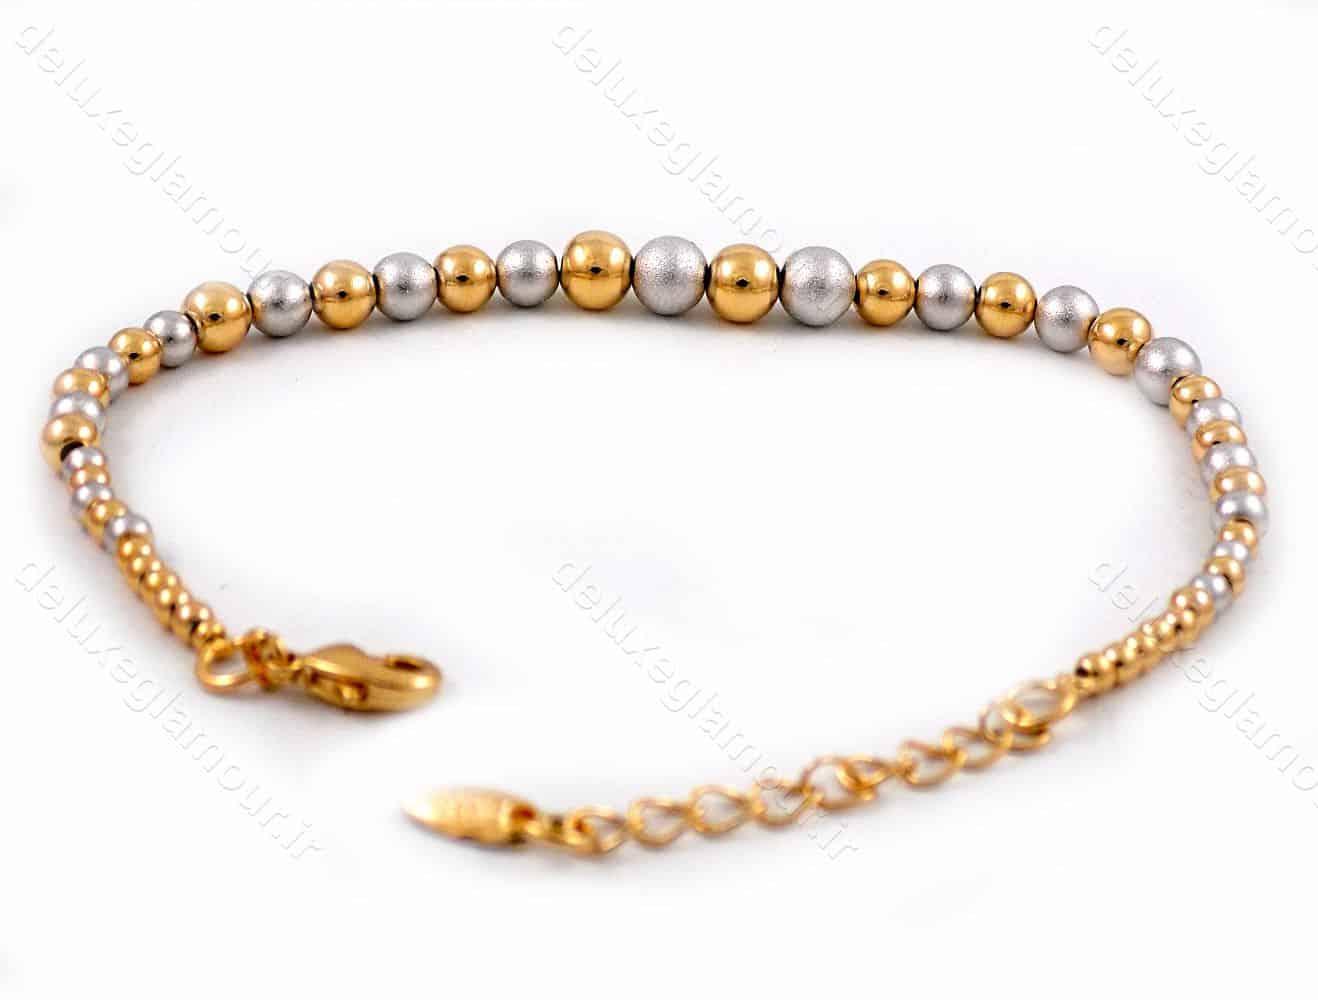 دستبند دخترانه ژوپینگ با طرح گوی دو رنگ طلایی و نقره ای ds-n180